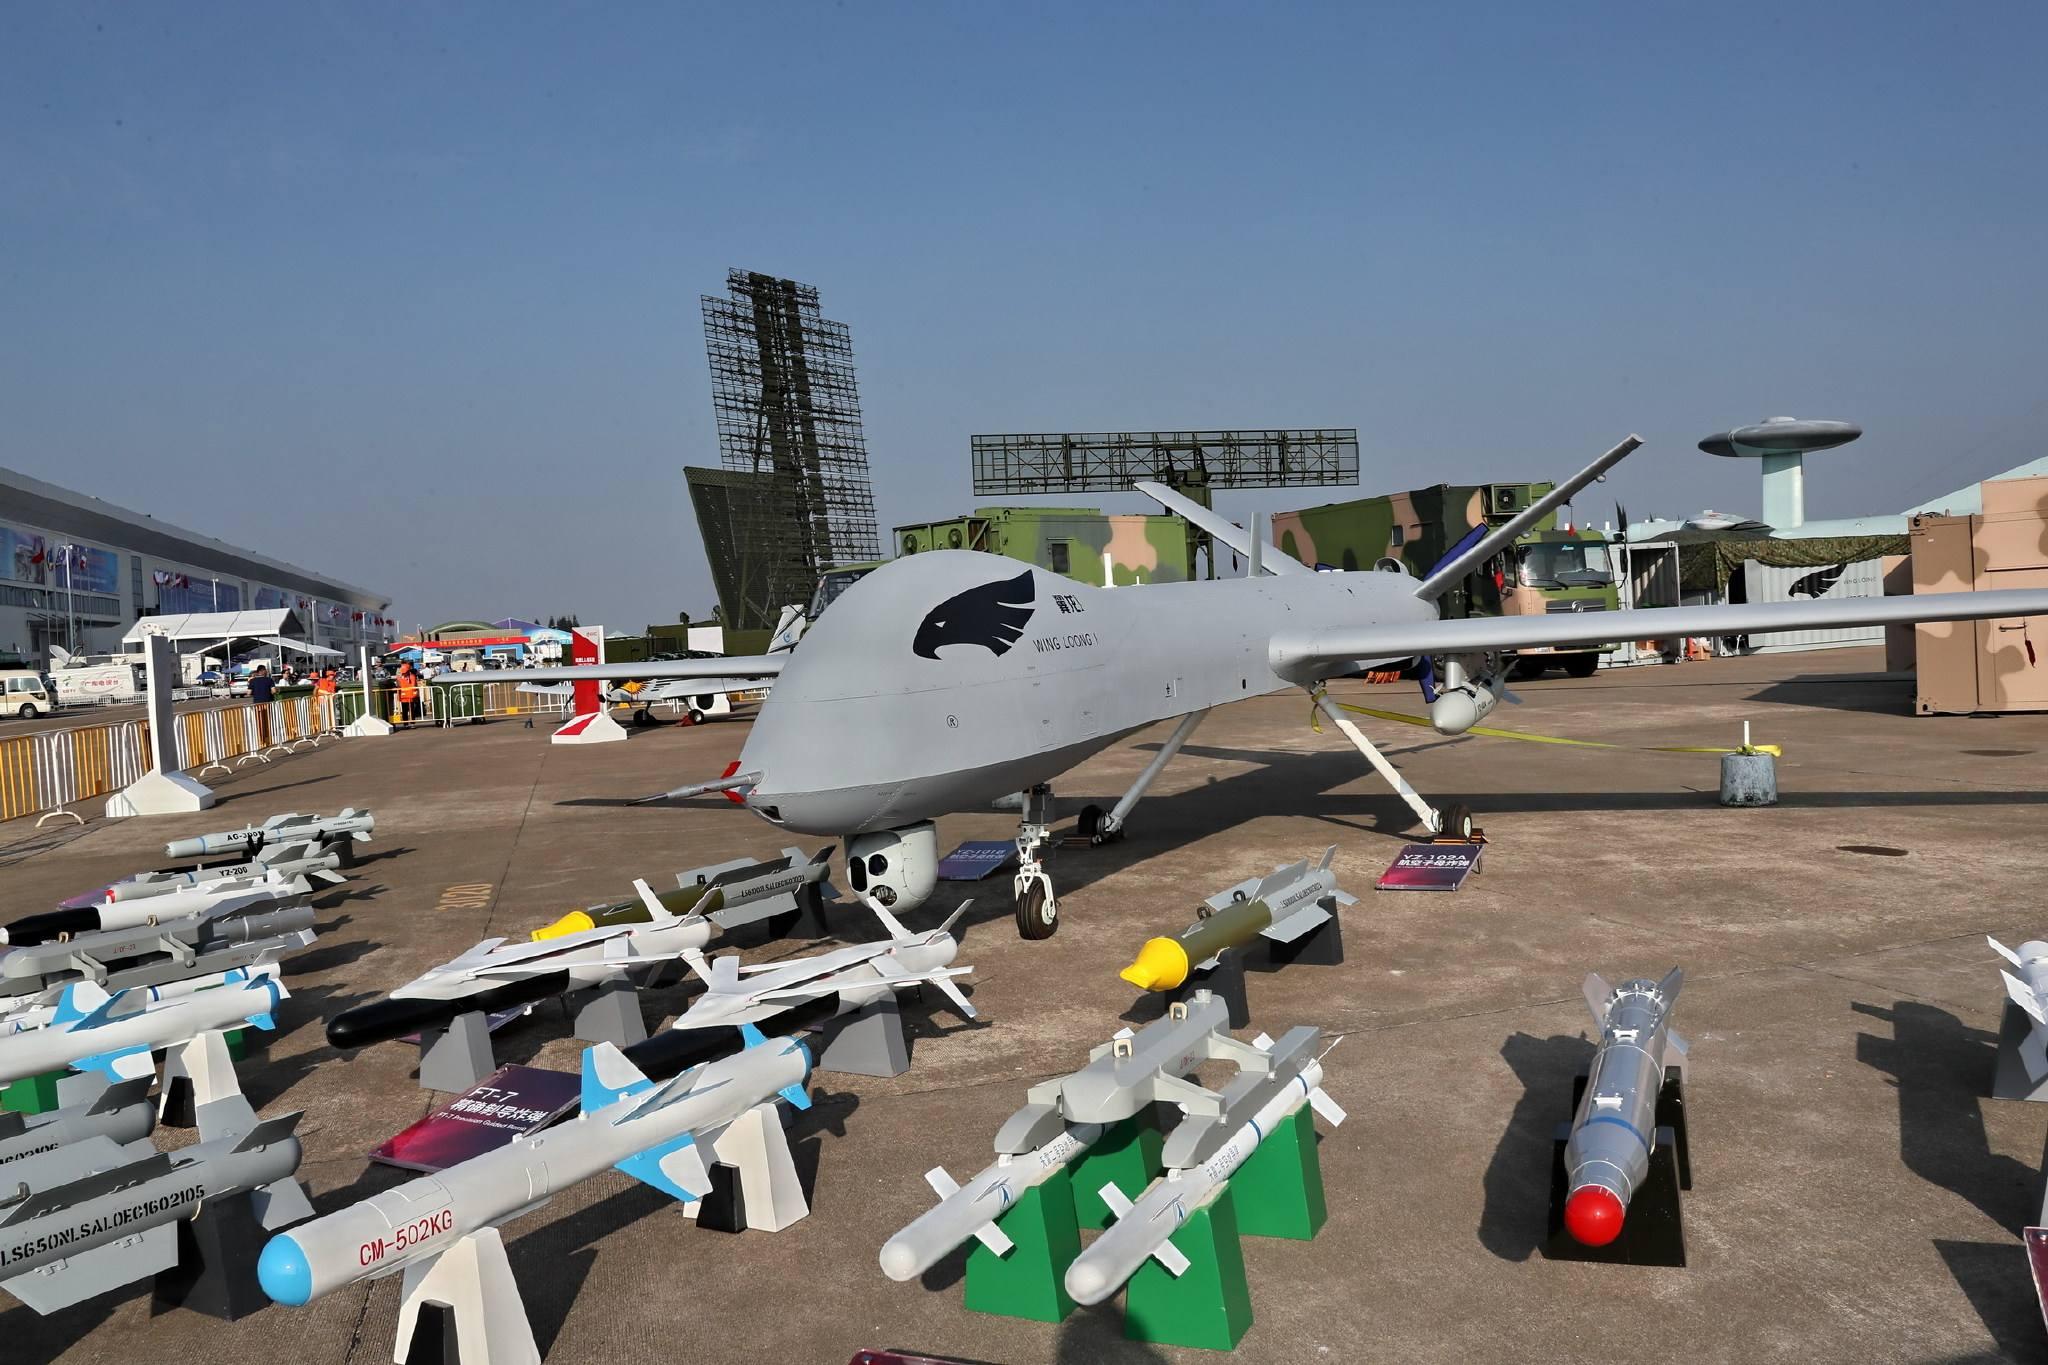 中国翼龙无人机现身巴基斯坦 又拿下一笔大单?